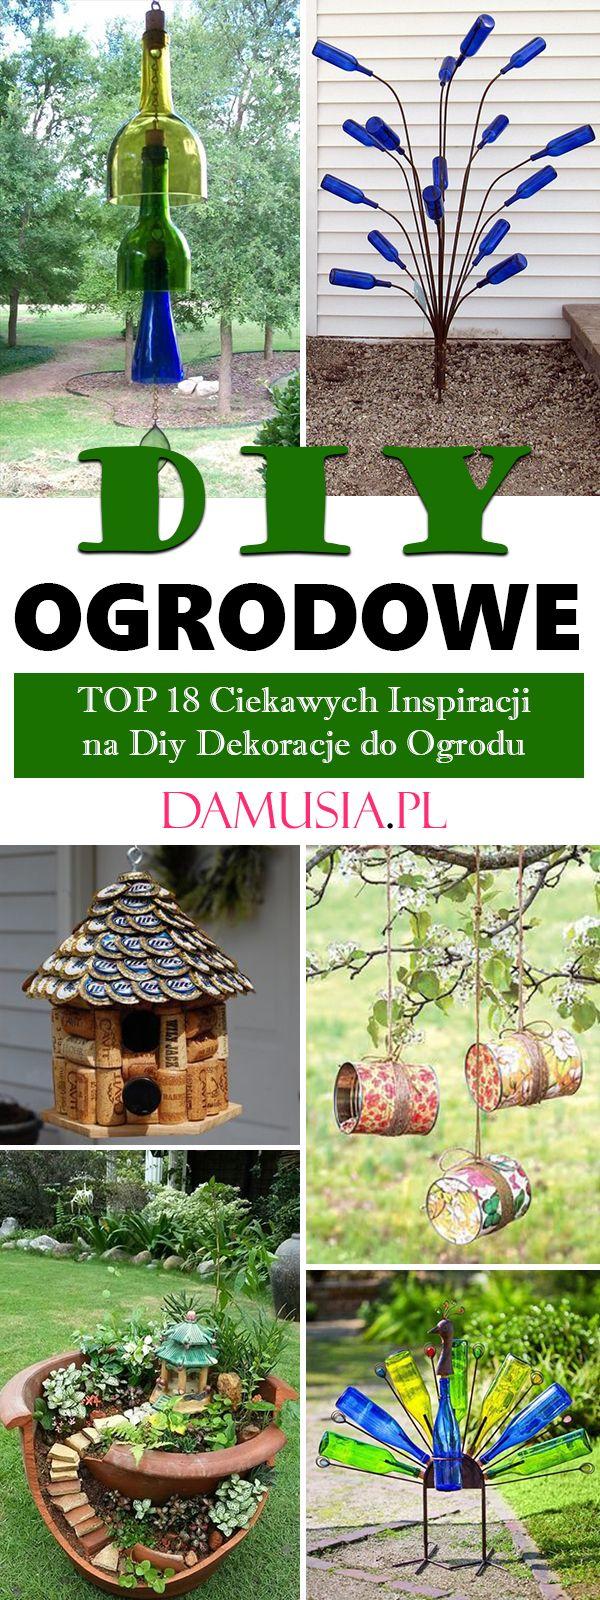 Ogrodowe Diy Top 18 Ciekawych Inspiracji Na Diy Dekoracje Do Ogrodu Plants Bird Bath Outdoor Decor